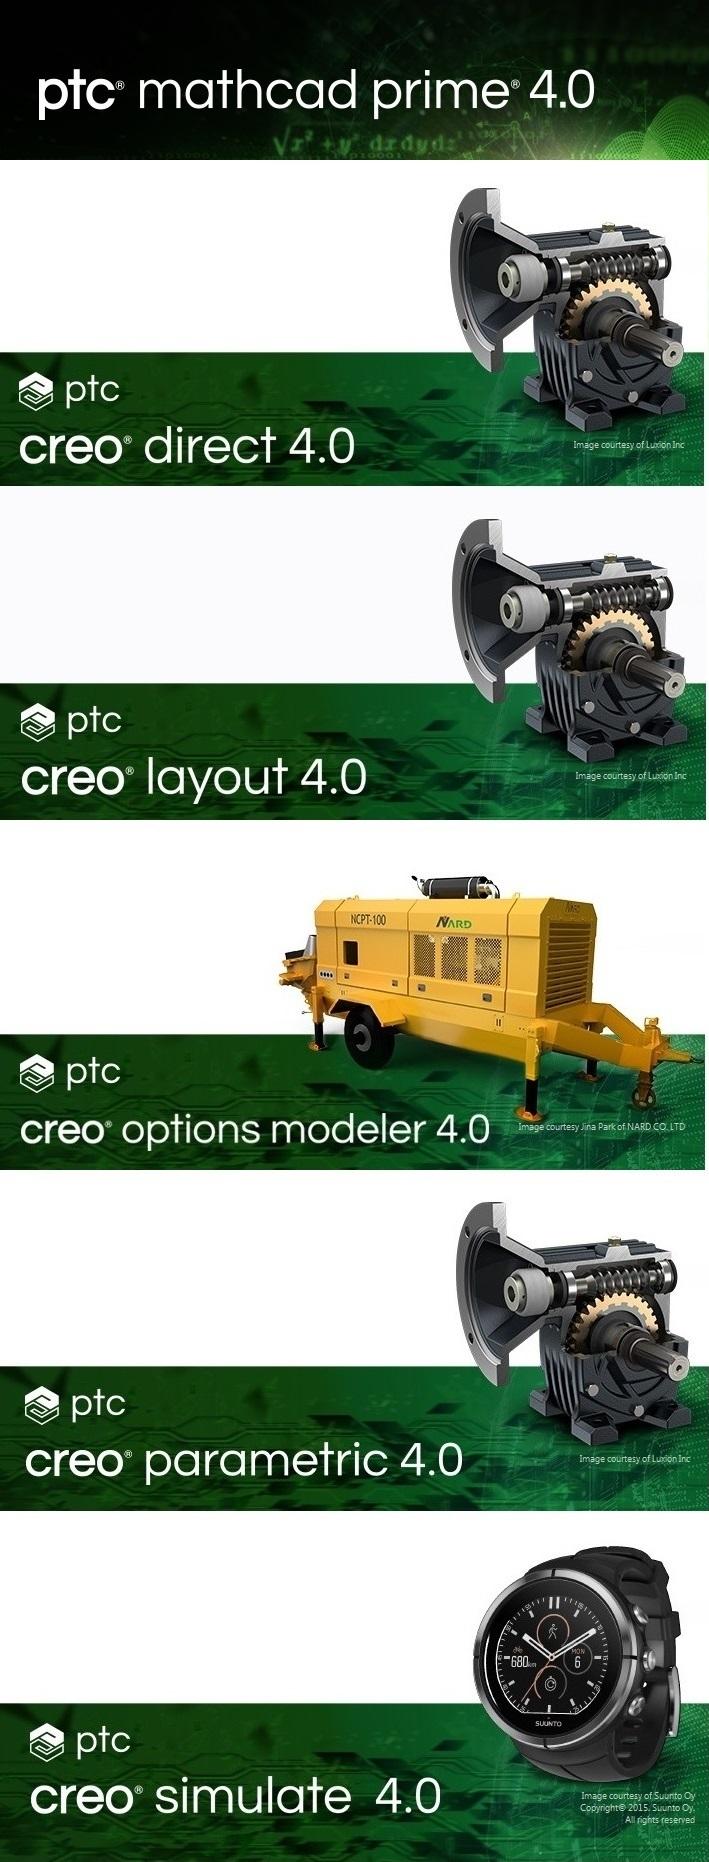 PTC Creo 4.0 M080 x64 full license